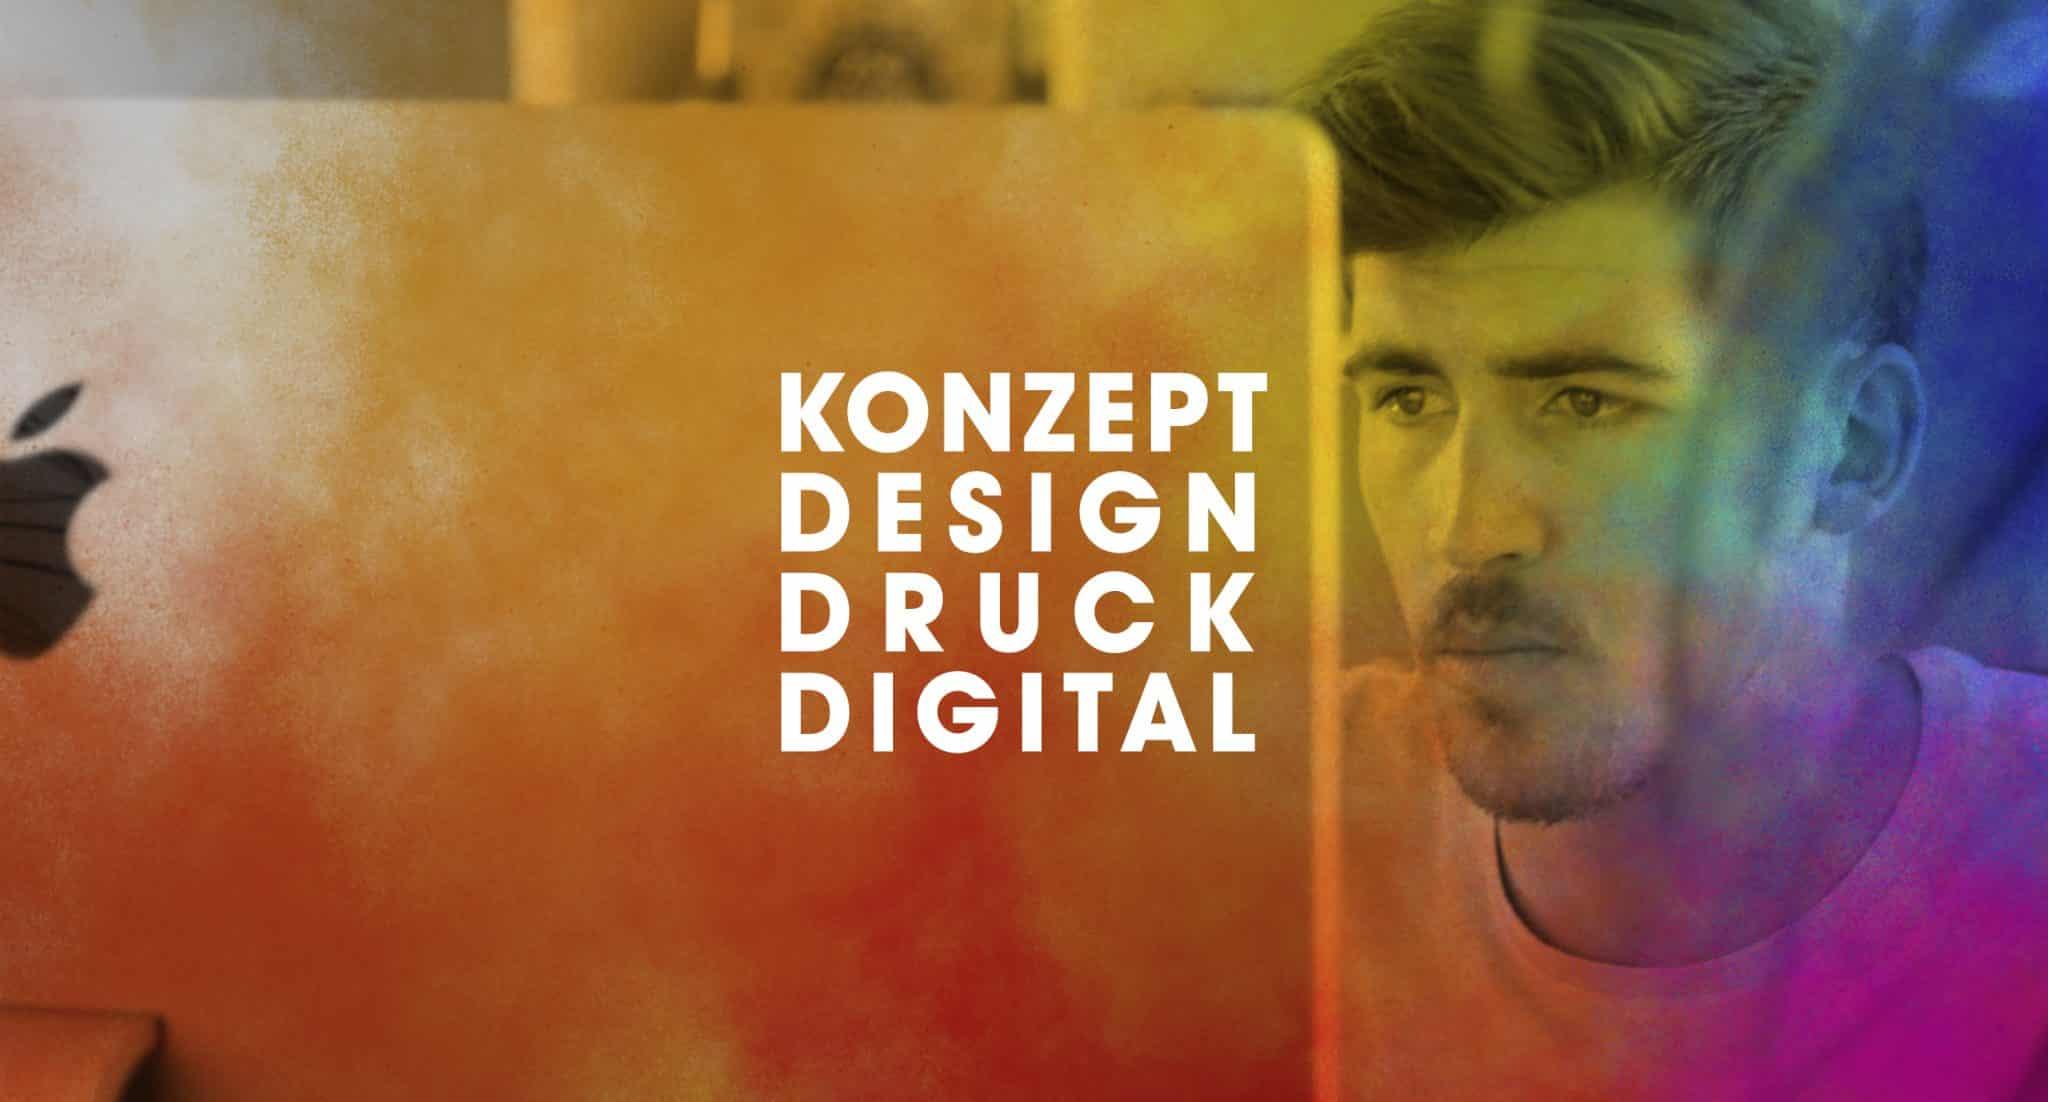 Bernsteiner_Media_Druckerei_Wien_Kreativ_Konzept